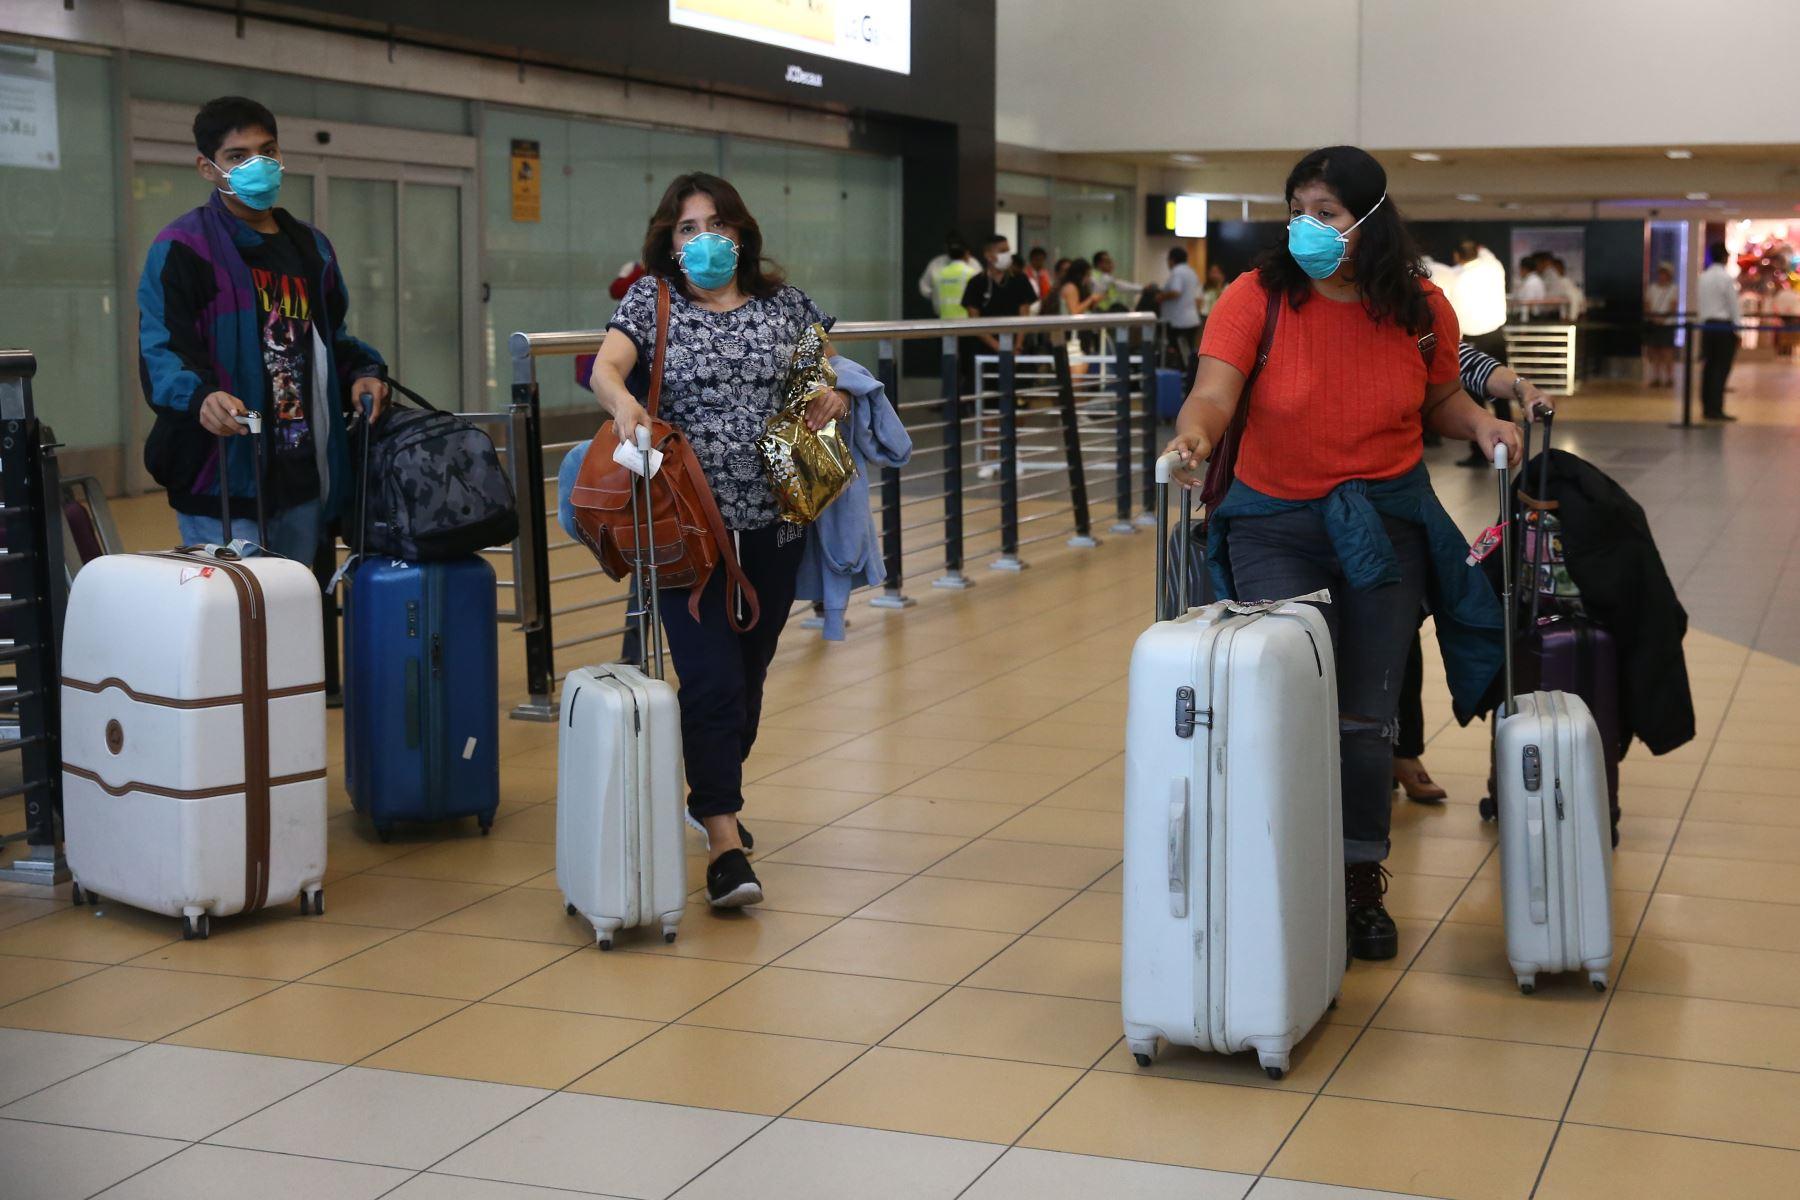 Los viajeros que lleguen al país de España, Italia, Francia y China deberán guardar una cuarentena domiciliaria por 14 días. Foto: ANDINA/Vidal Tarqui